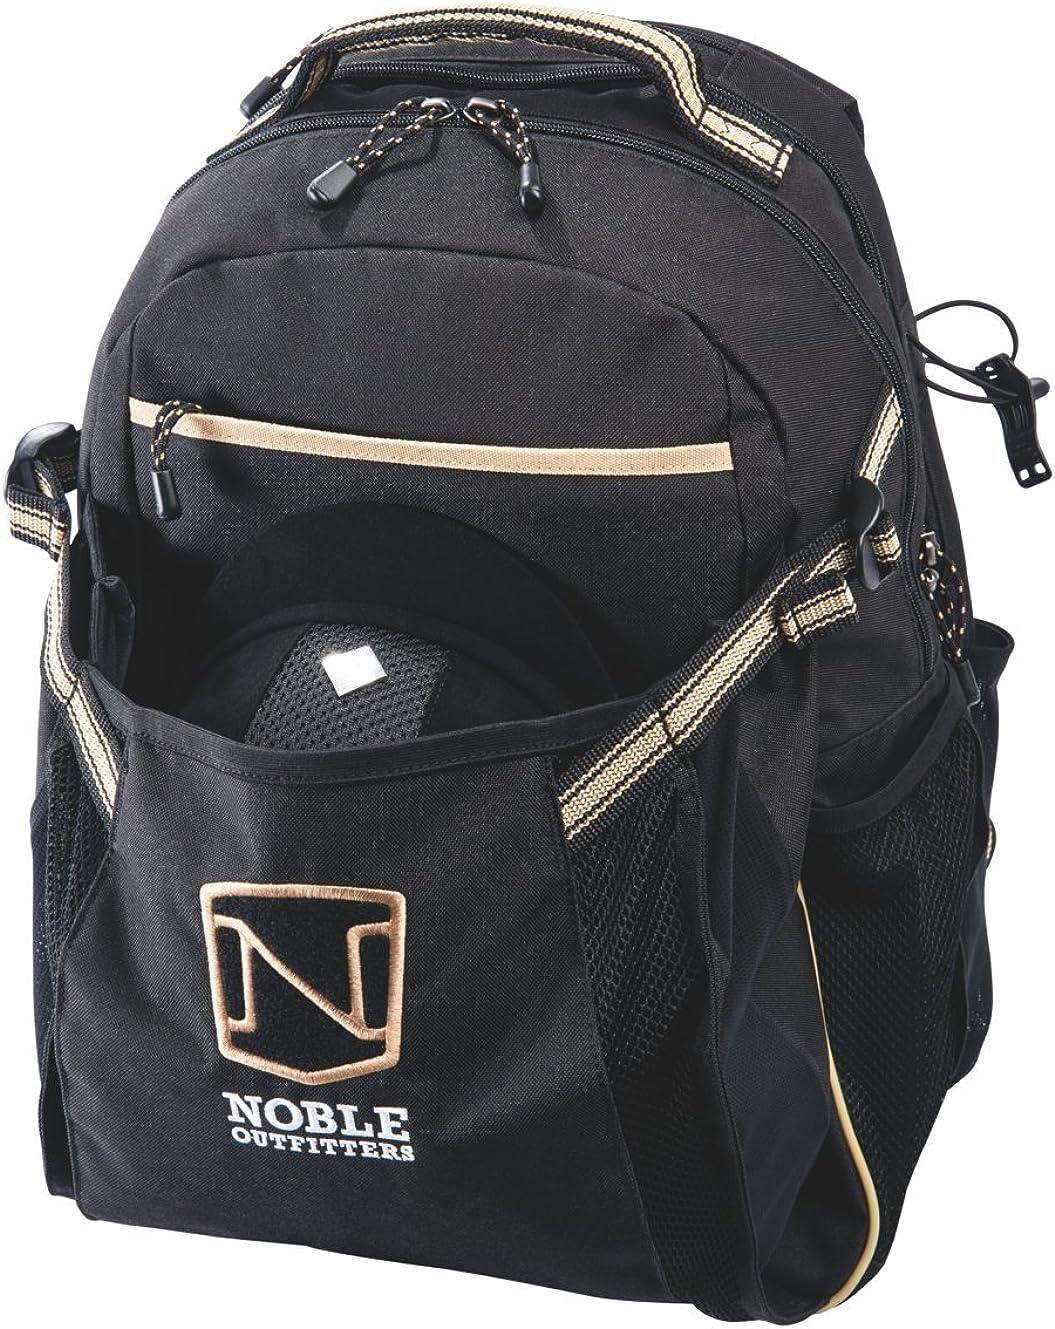 Noble Equestrian Ringside Pack Black Equine Horse Bag